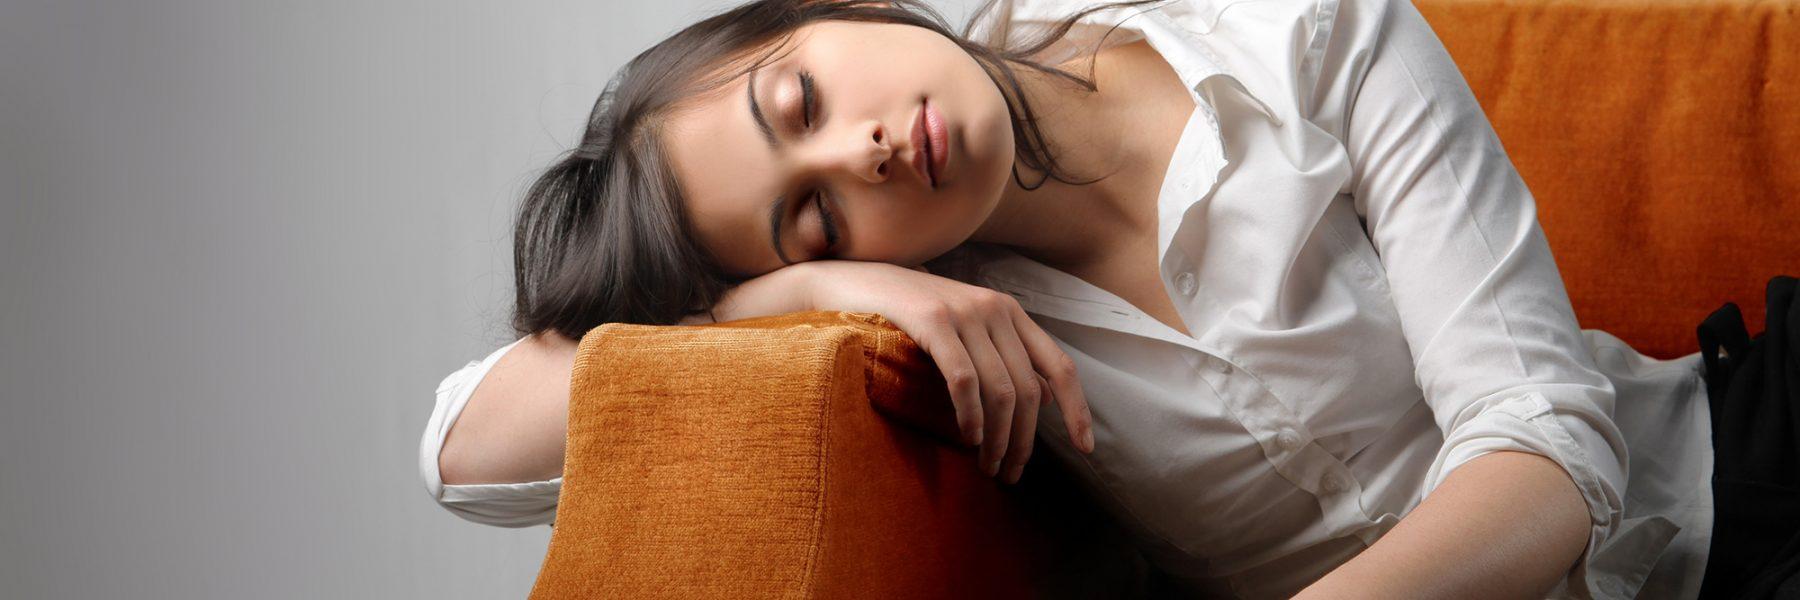 Les risques de la somnolence sur votre santé